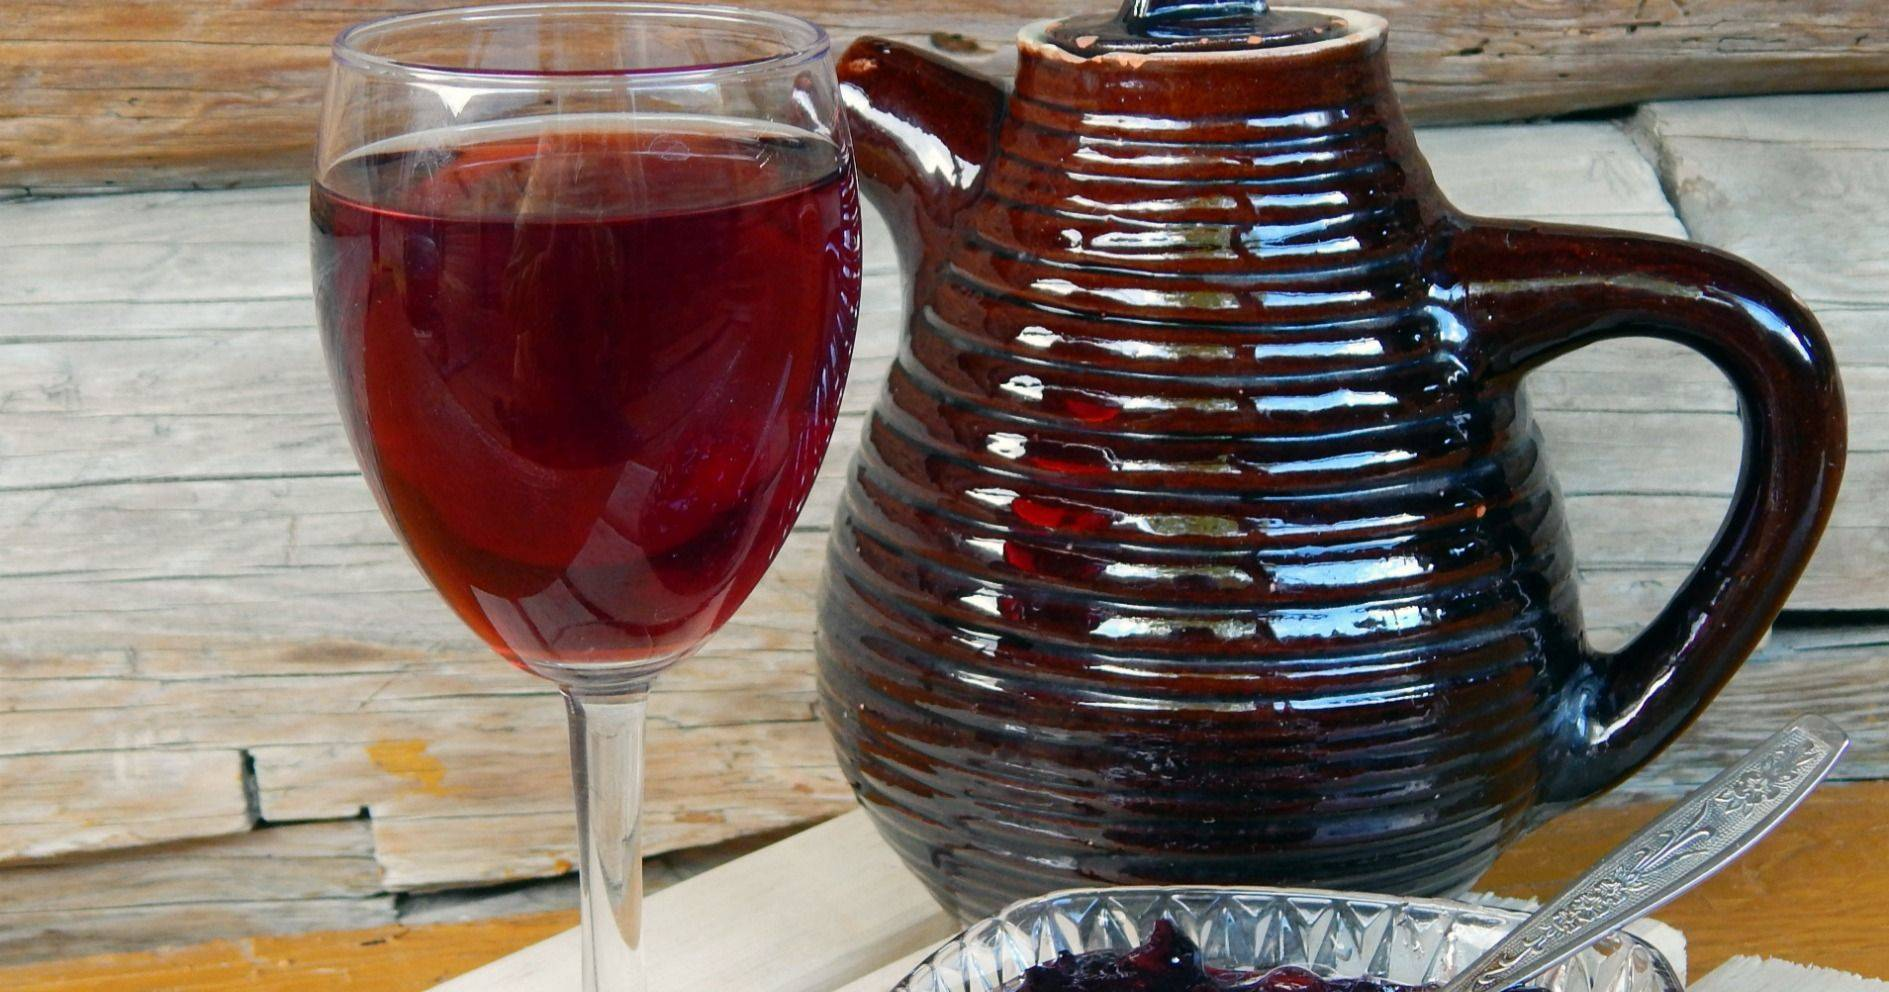 Вино из грушевого варенья в домашних условиях - простые пошаговые рецепты с фотографиями